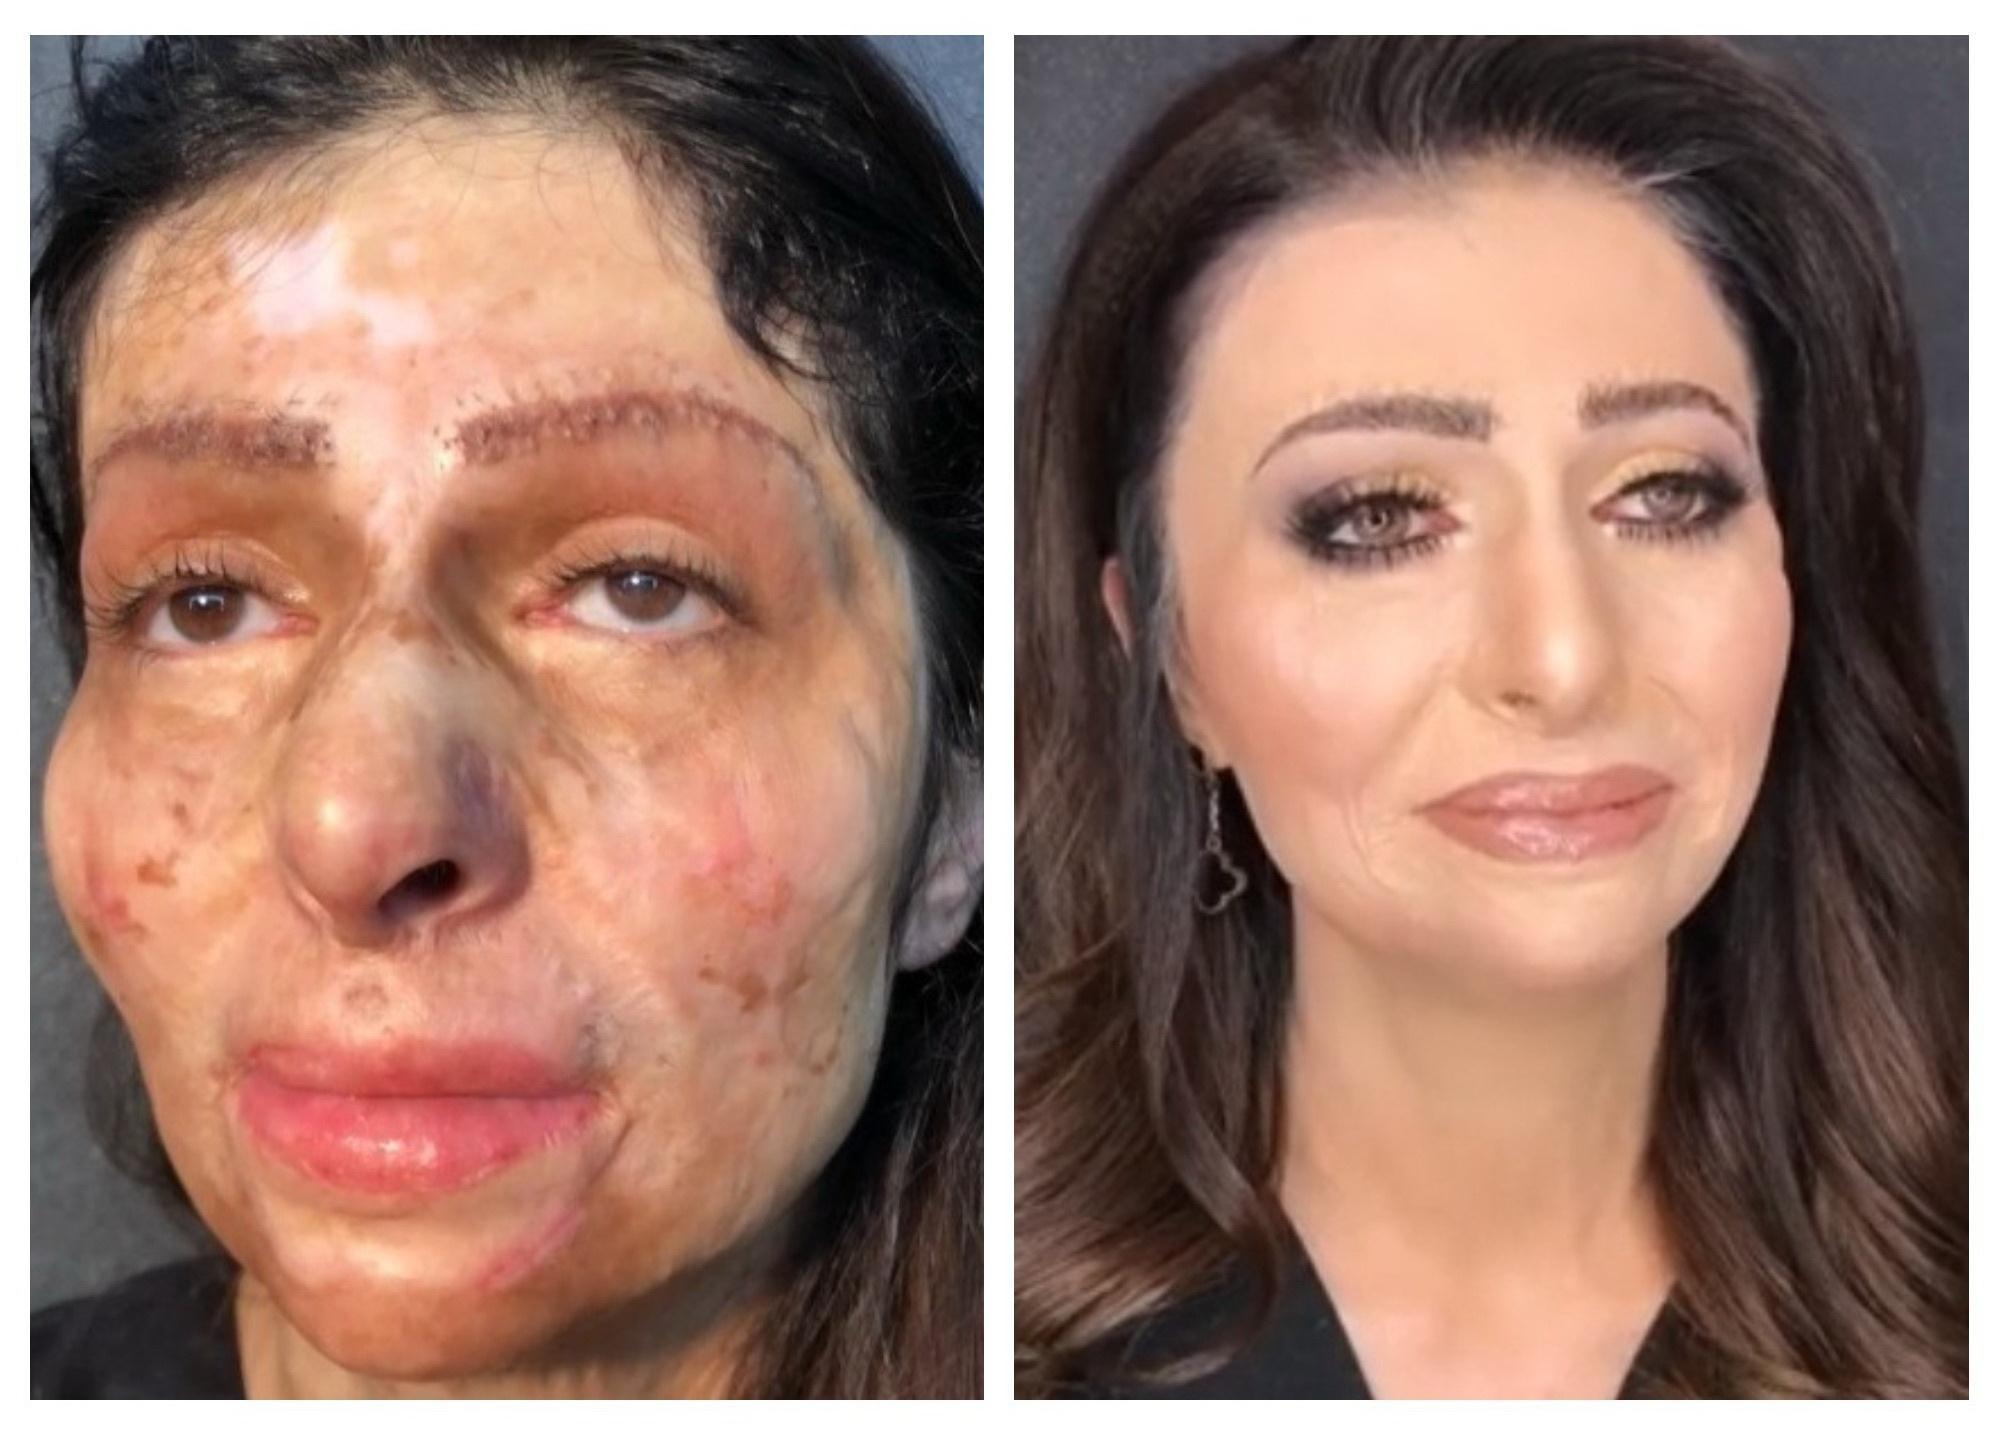 Реакция азербайджанки с обезображенным лицом на первый макияж растрогала пользователей соцсетей – ВИДЕО